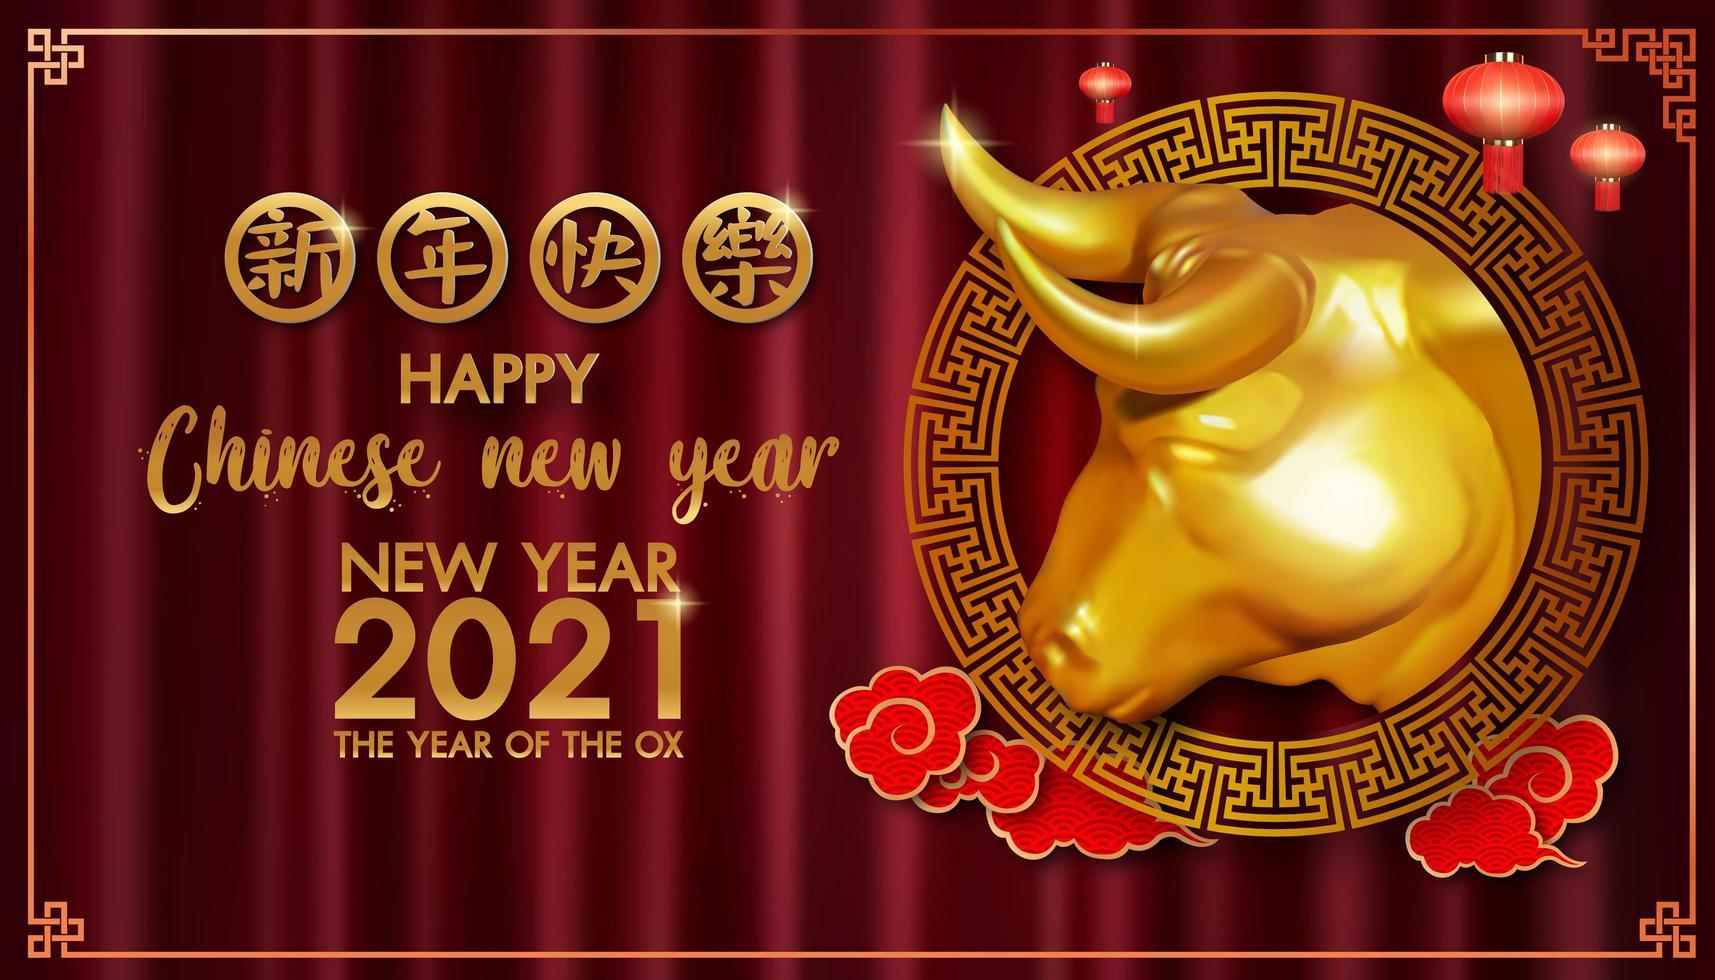 chinees nieuwjaar 2021 ontwerp met gouden os karakter vector